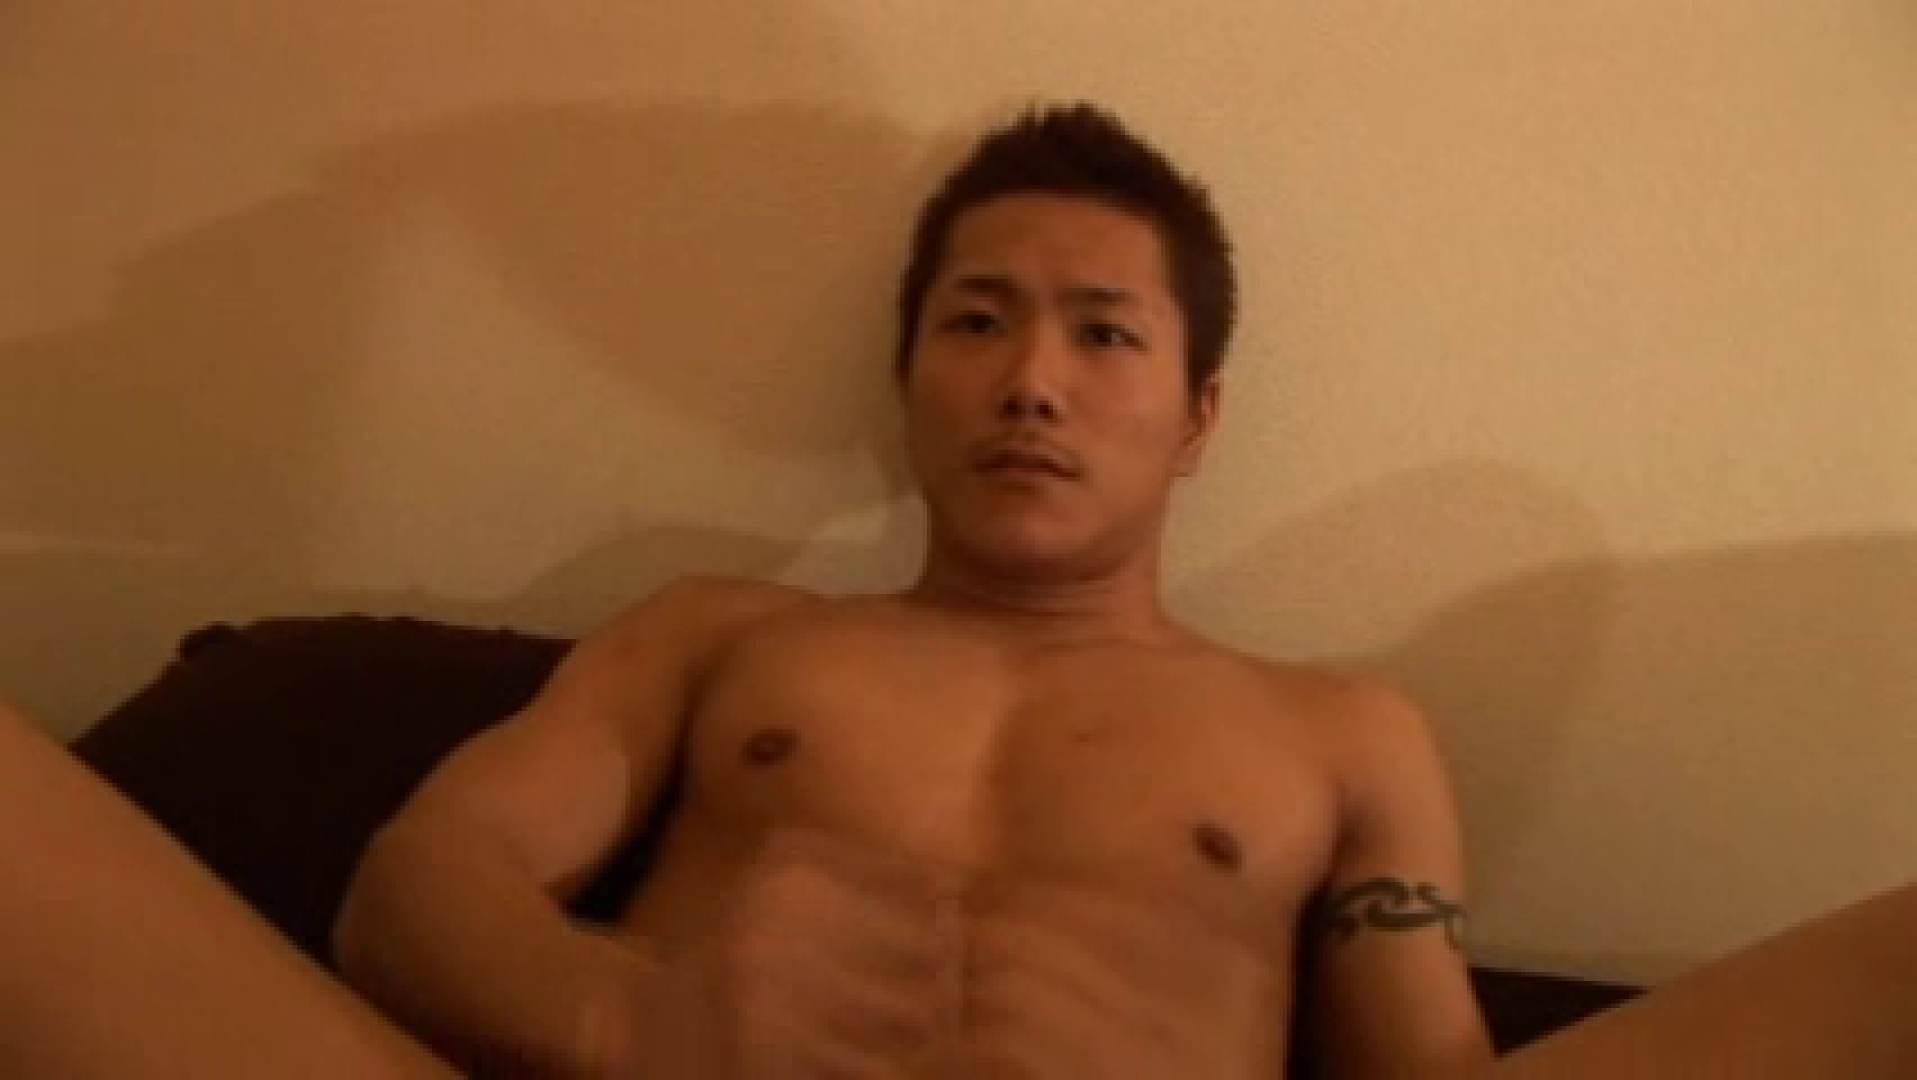 イケメン!!炸裂 Muscle  Stick!! その3 フェラ天国 ゲイエロビデオ画像 110pic 53